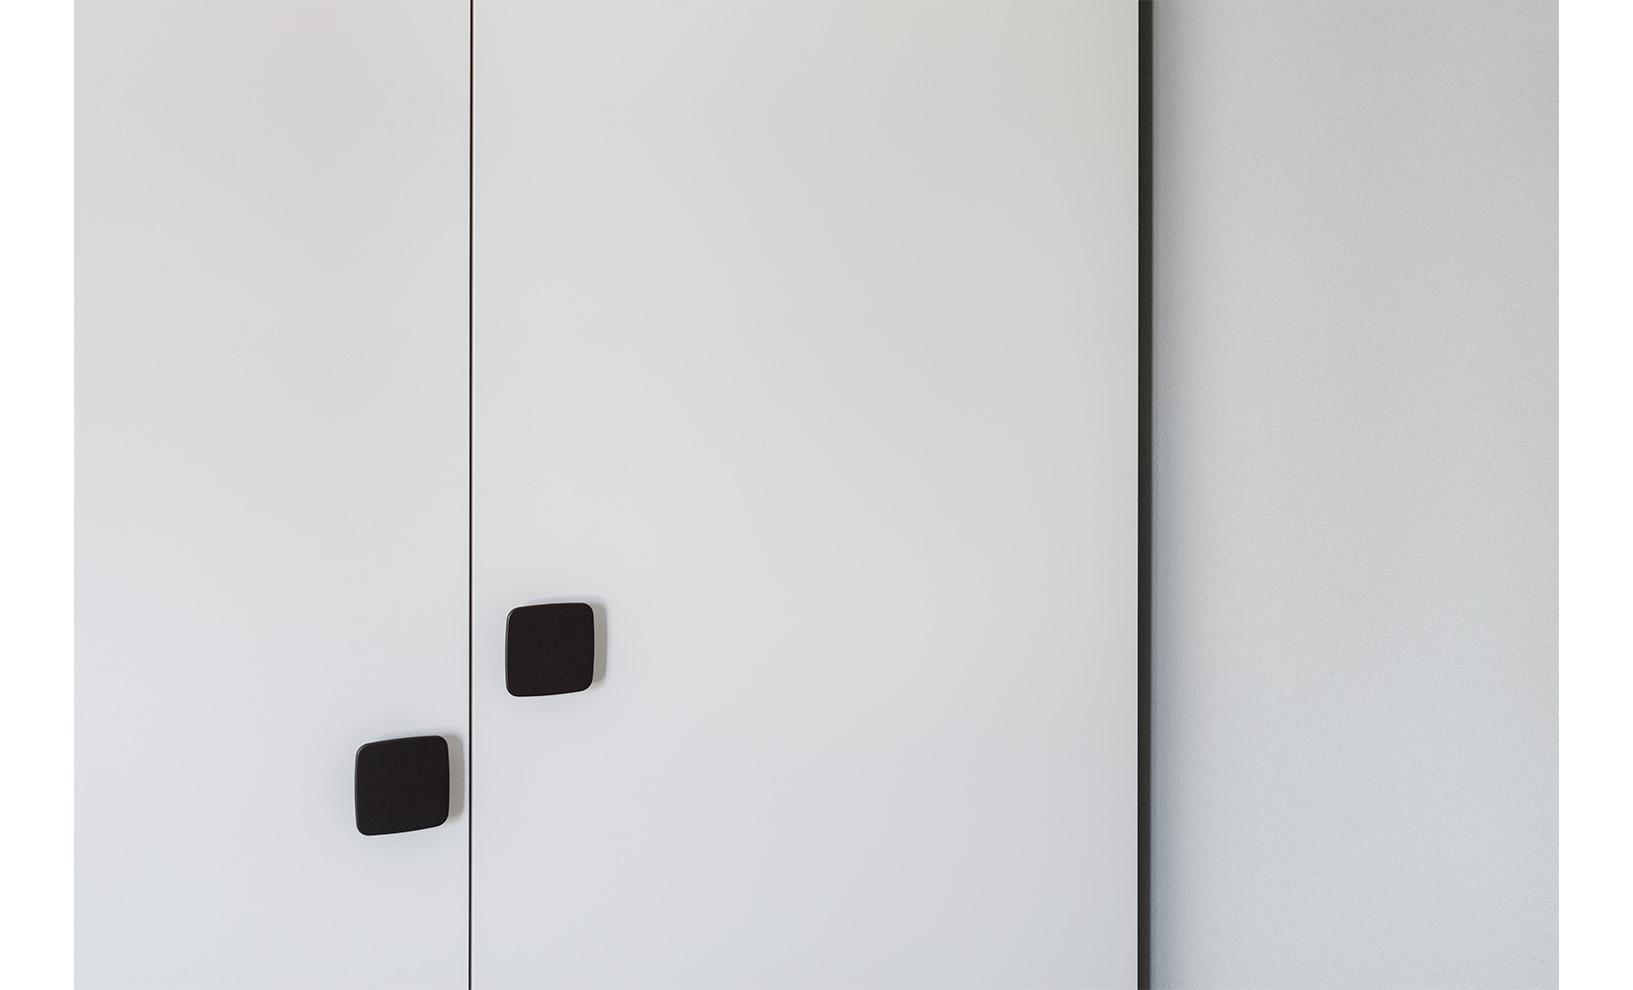 marco-tacchini-fotografo-architettura-antonio-perrone-villa-fc_13